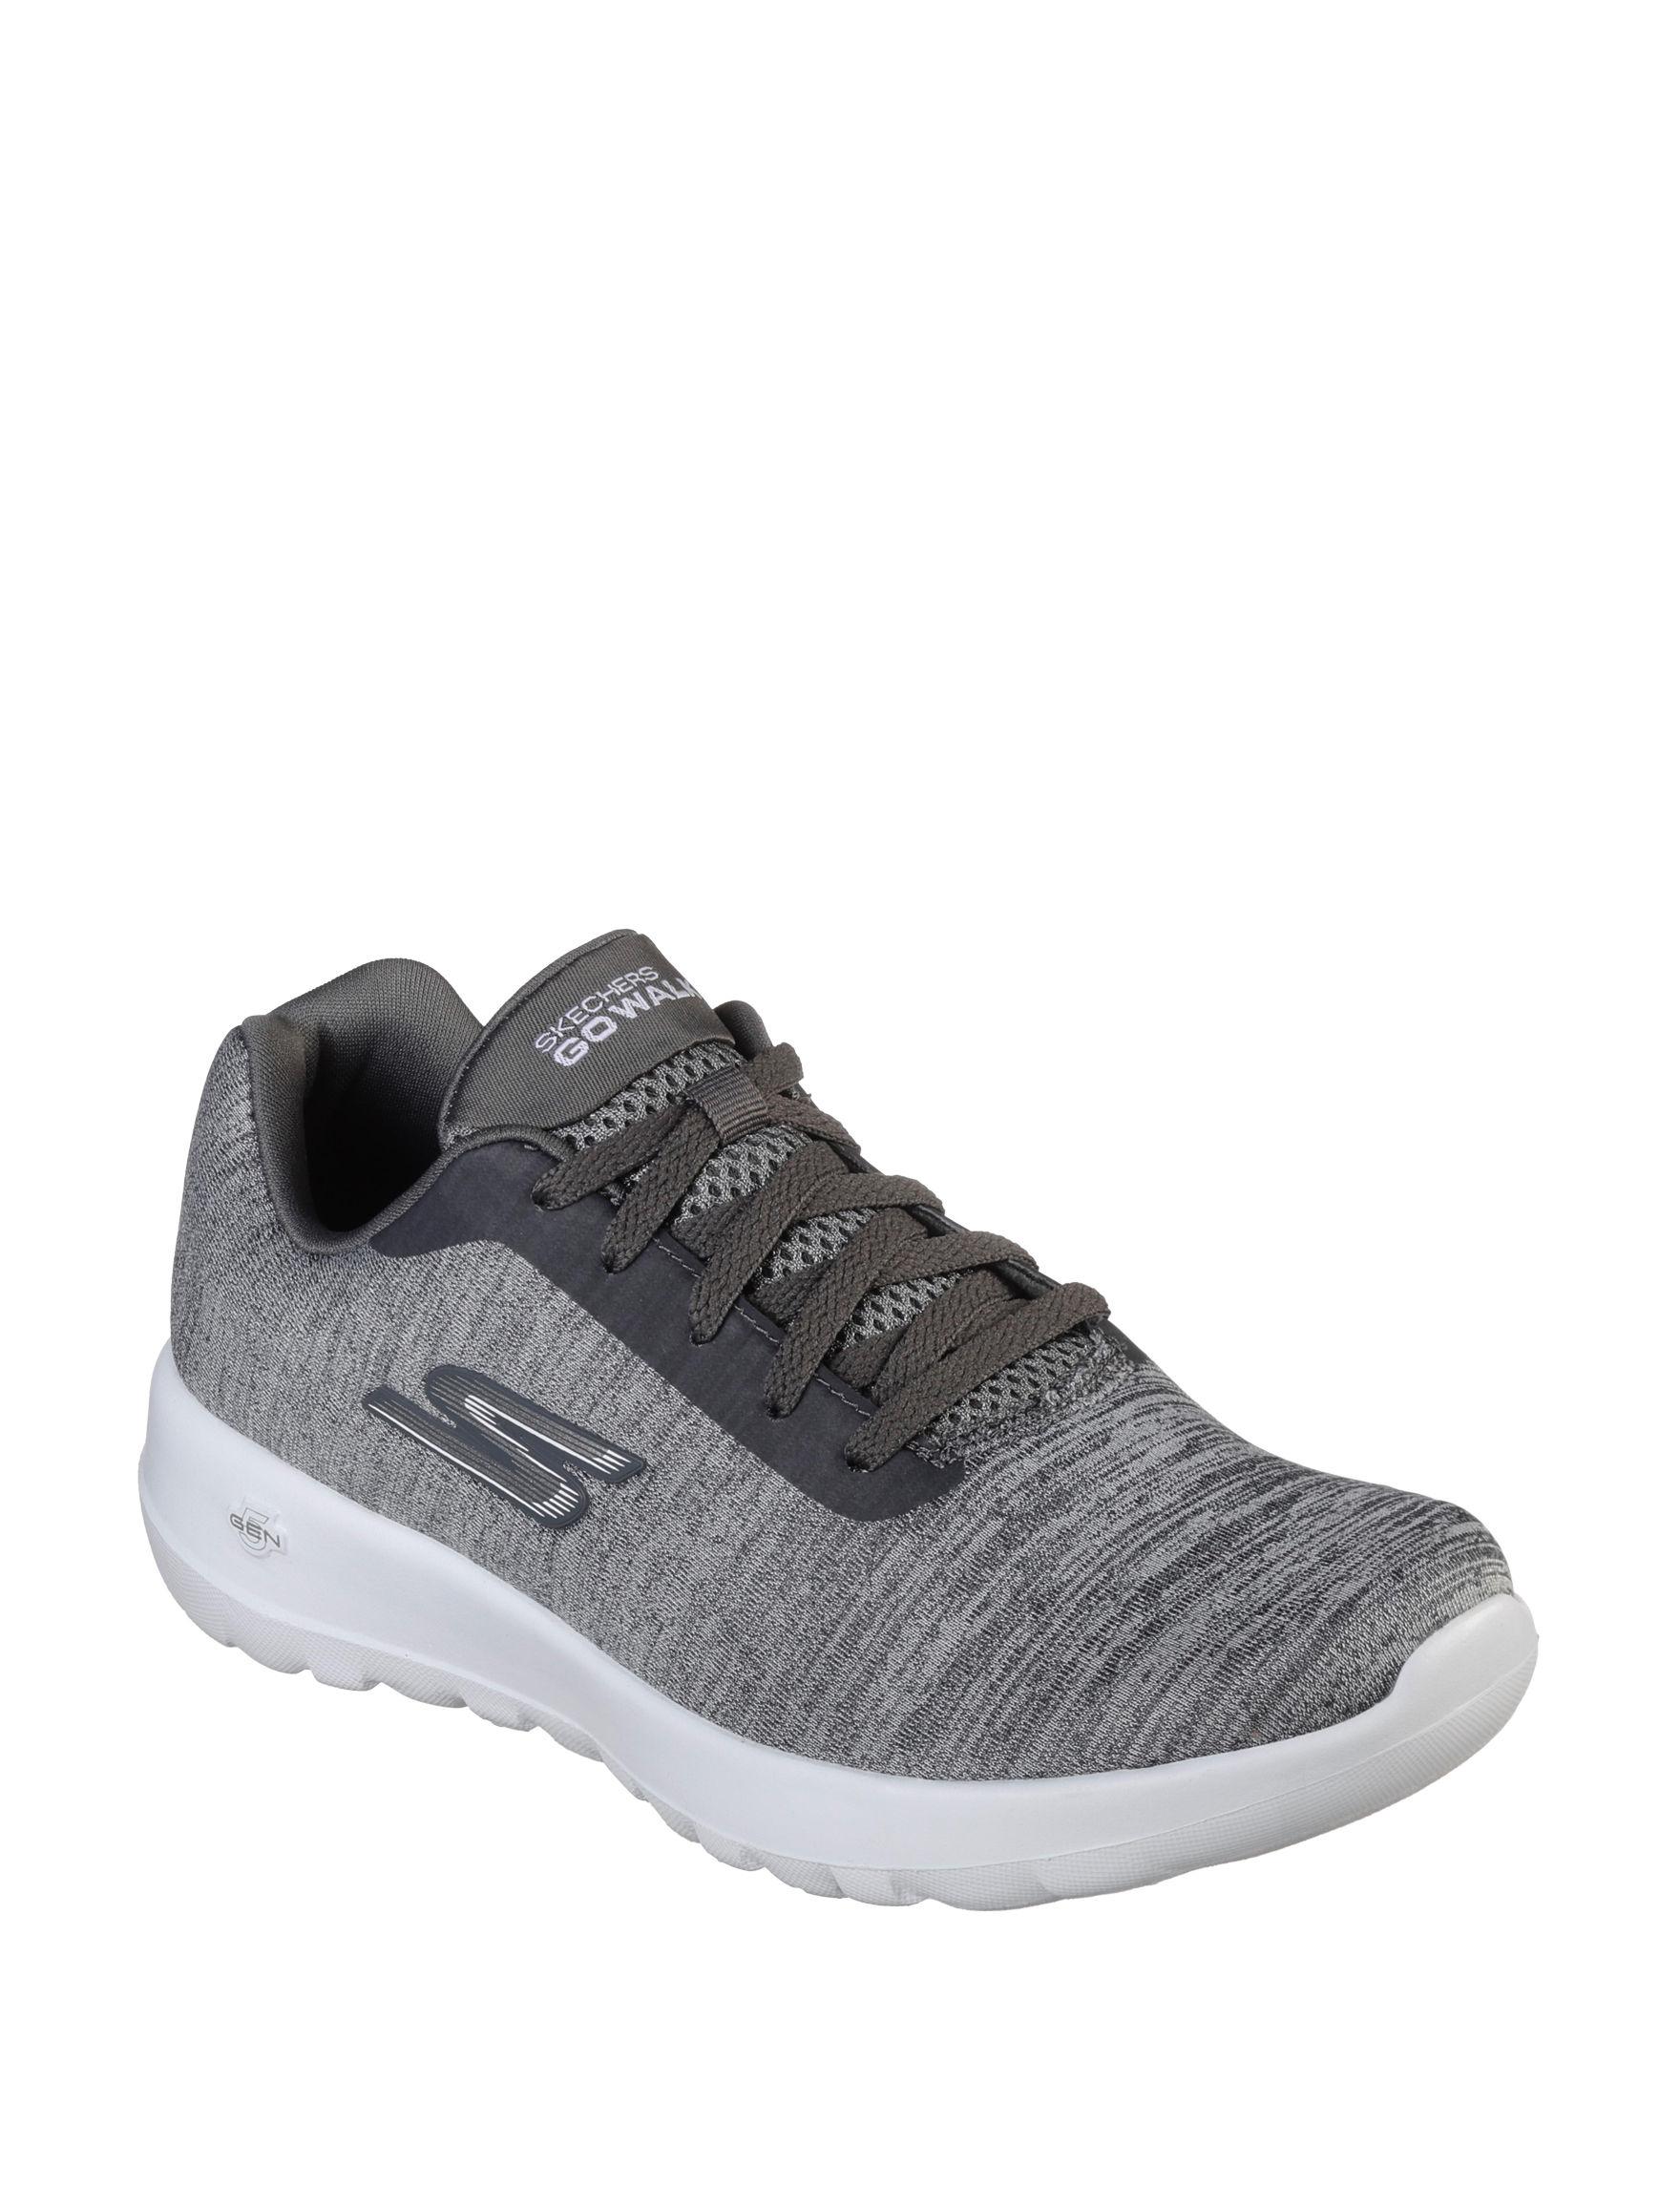 Skechers Grey Comfort